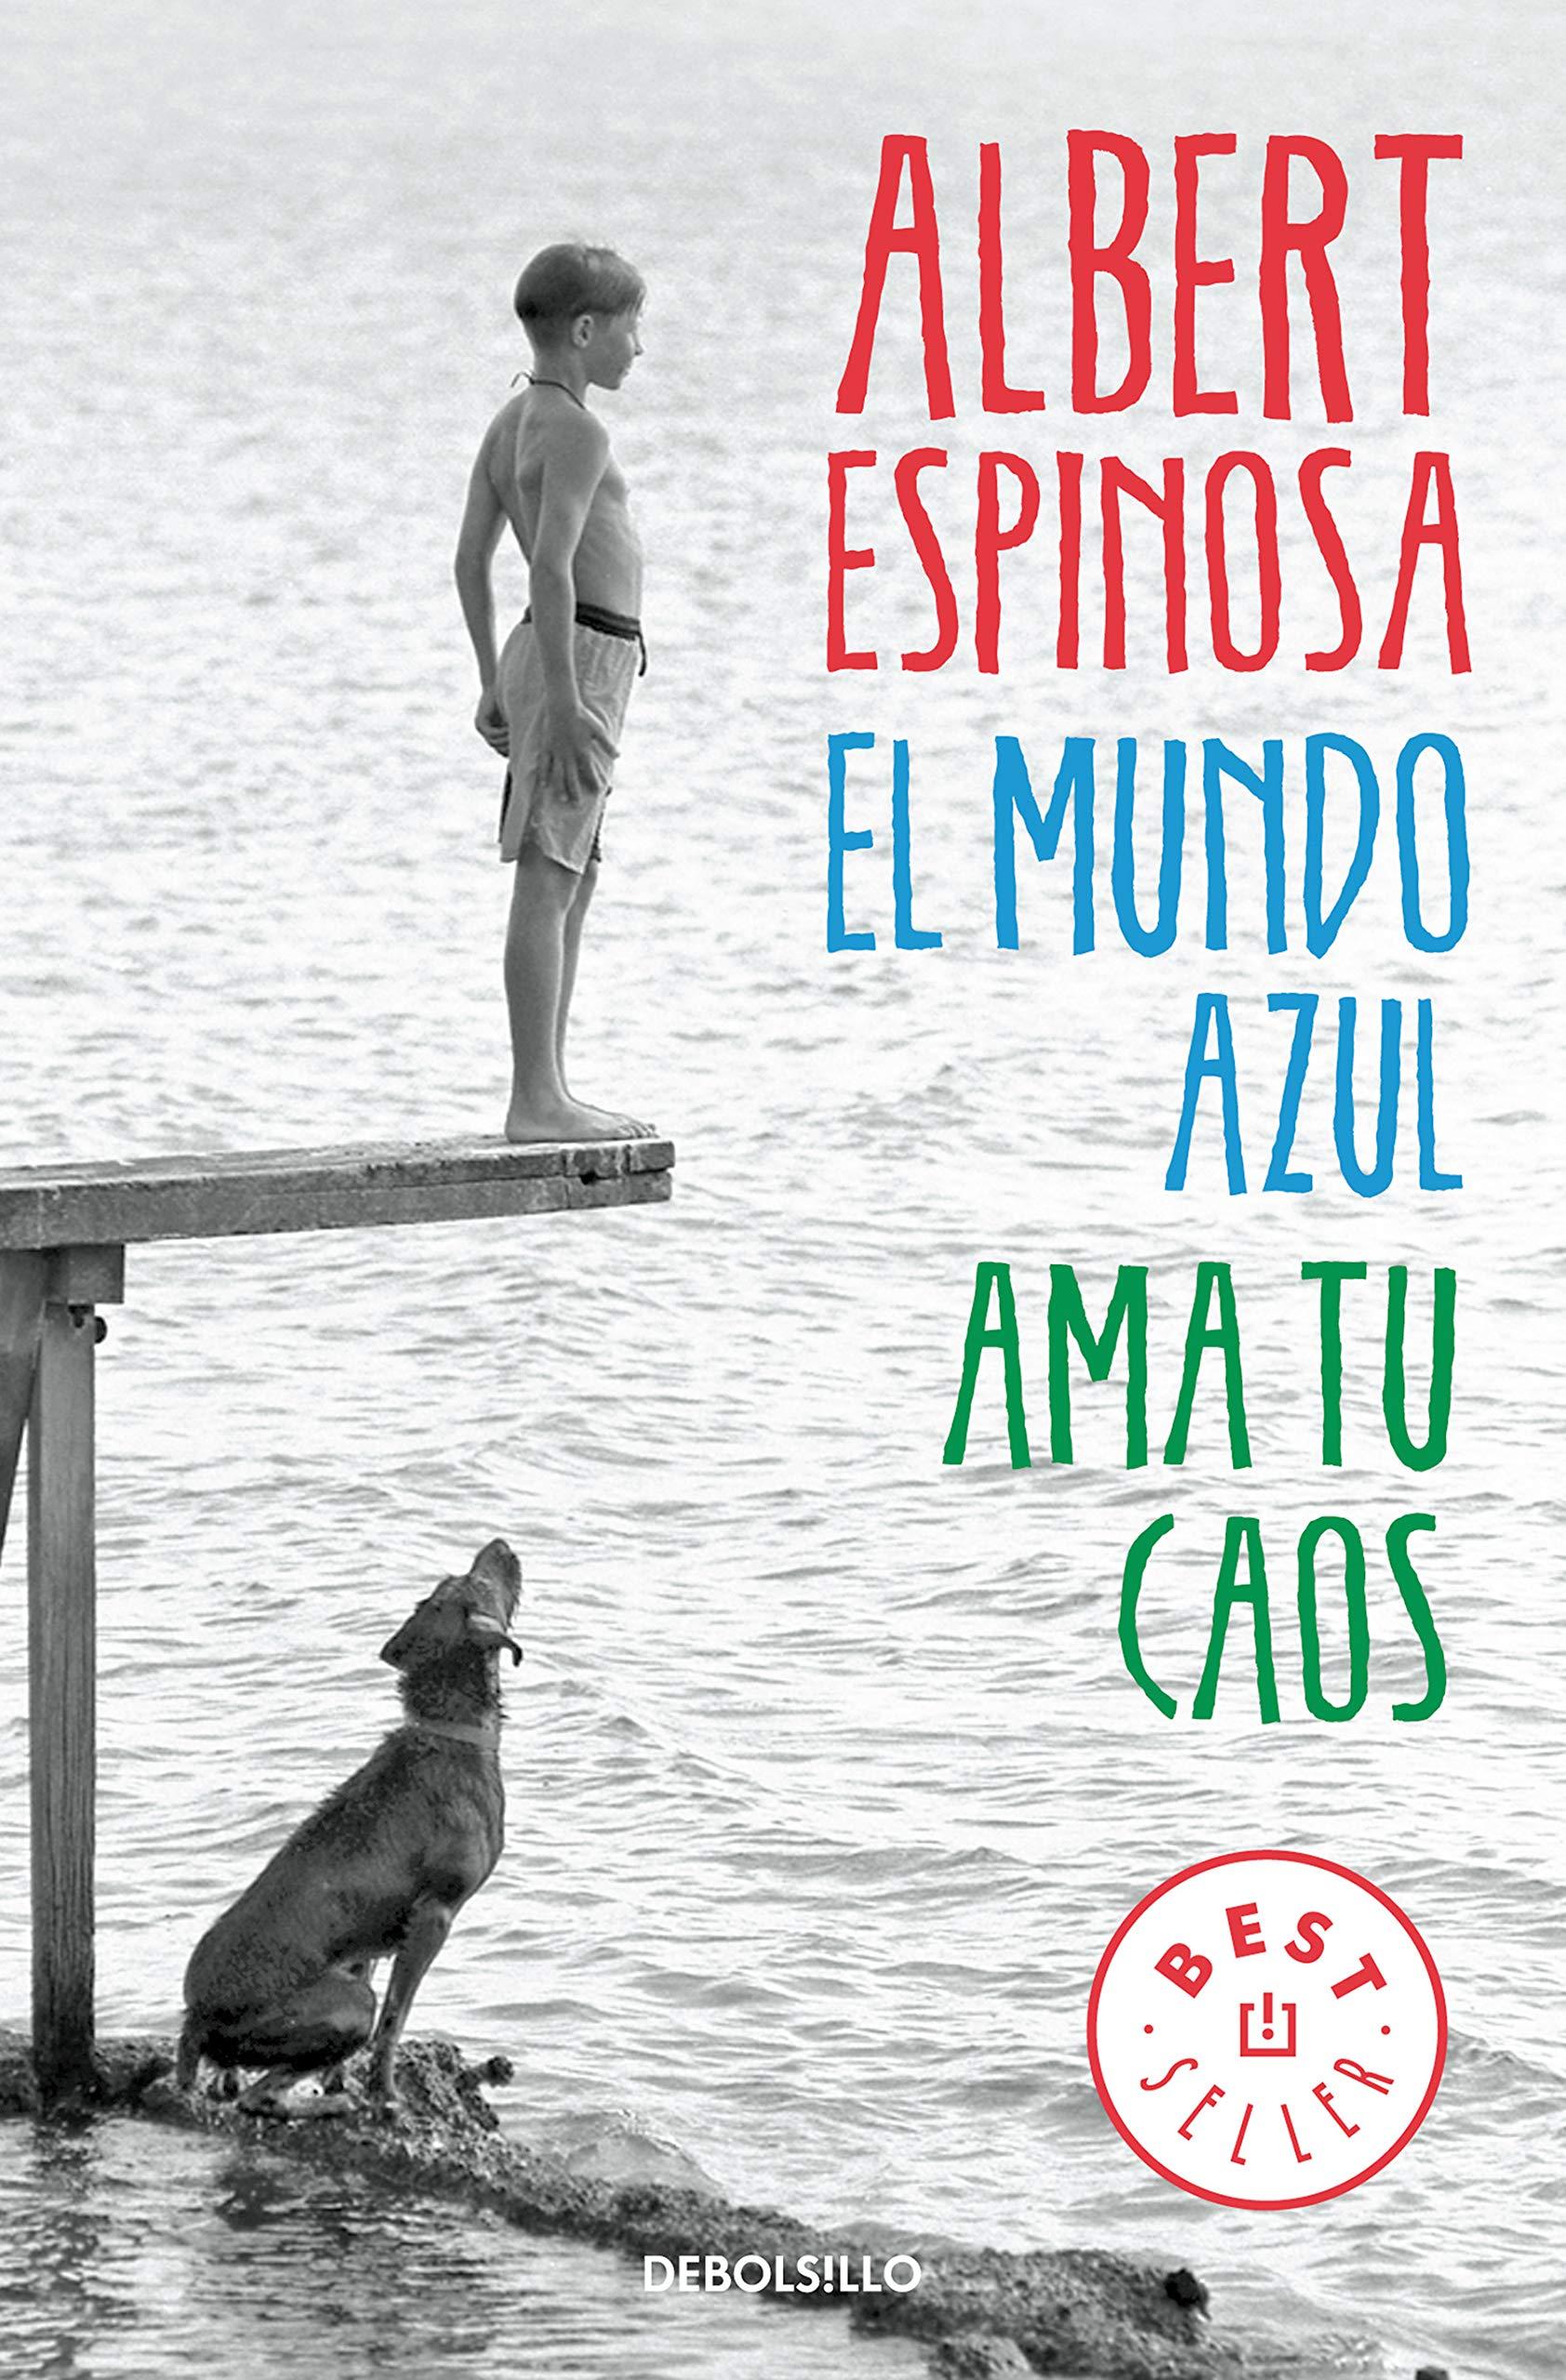 El mundo azul. Ama tu caos (BEST SELLER): Amazon.es: Albert Espinosa: Libros